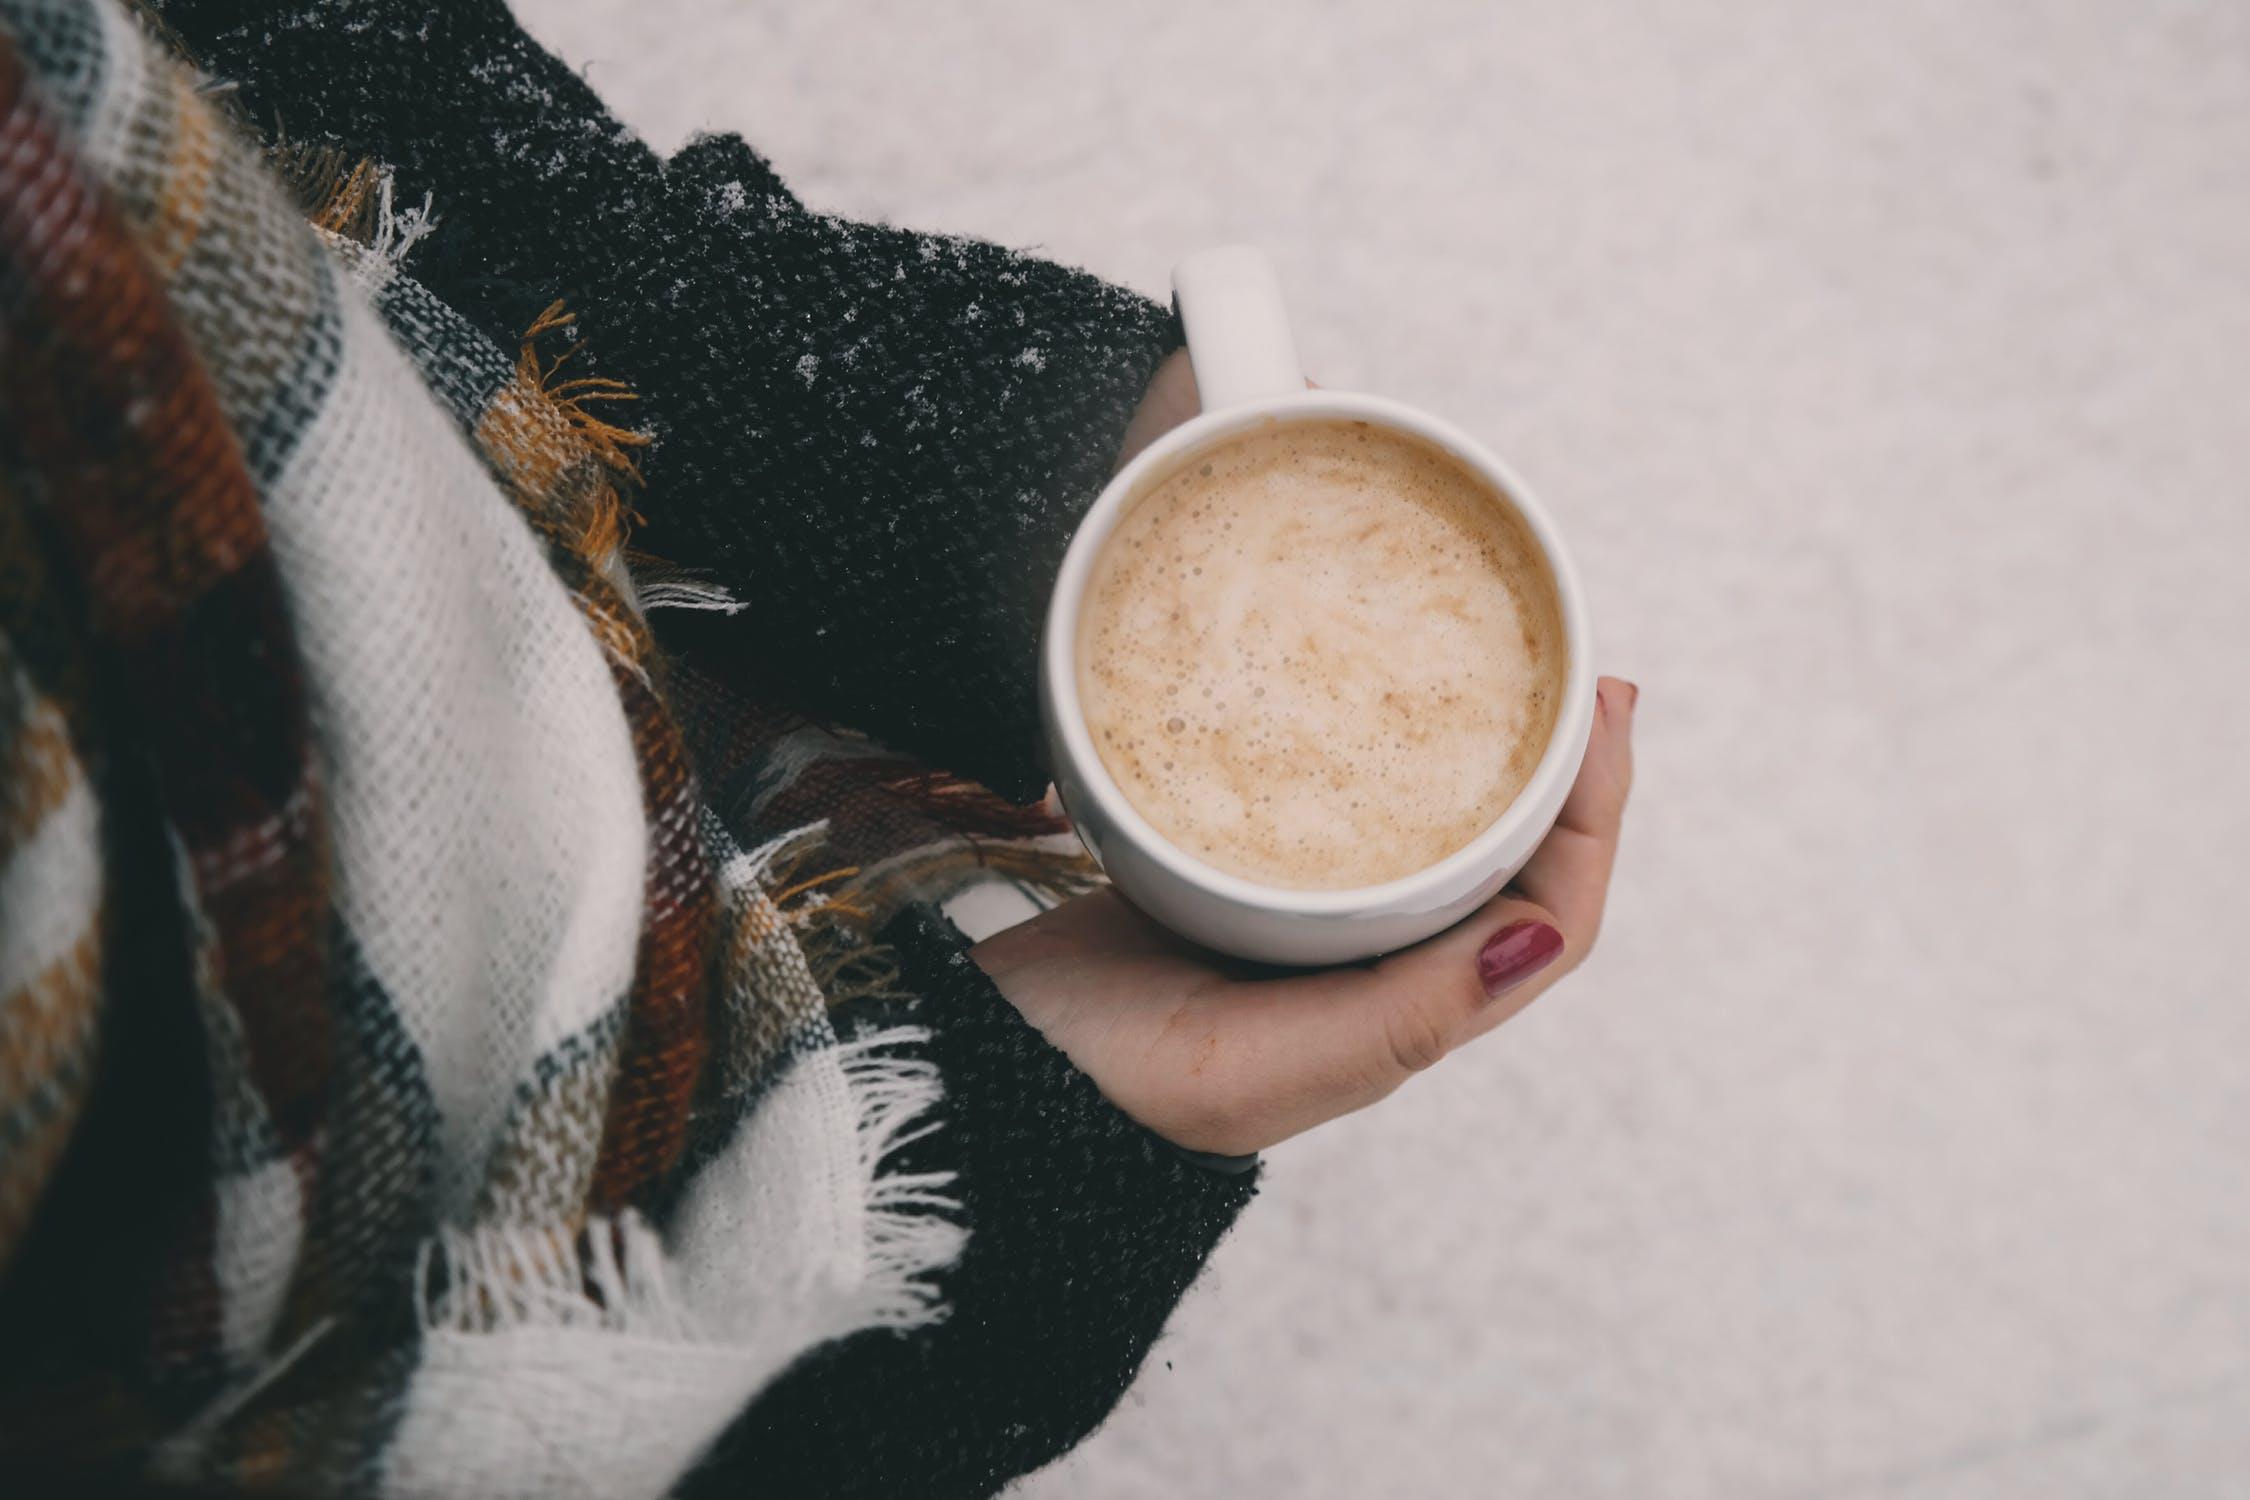 冷え性の原因&改善に効果のある食べ物・飲み物とは?